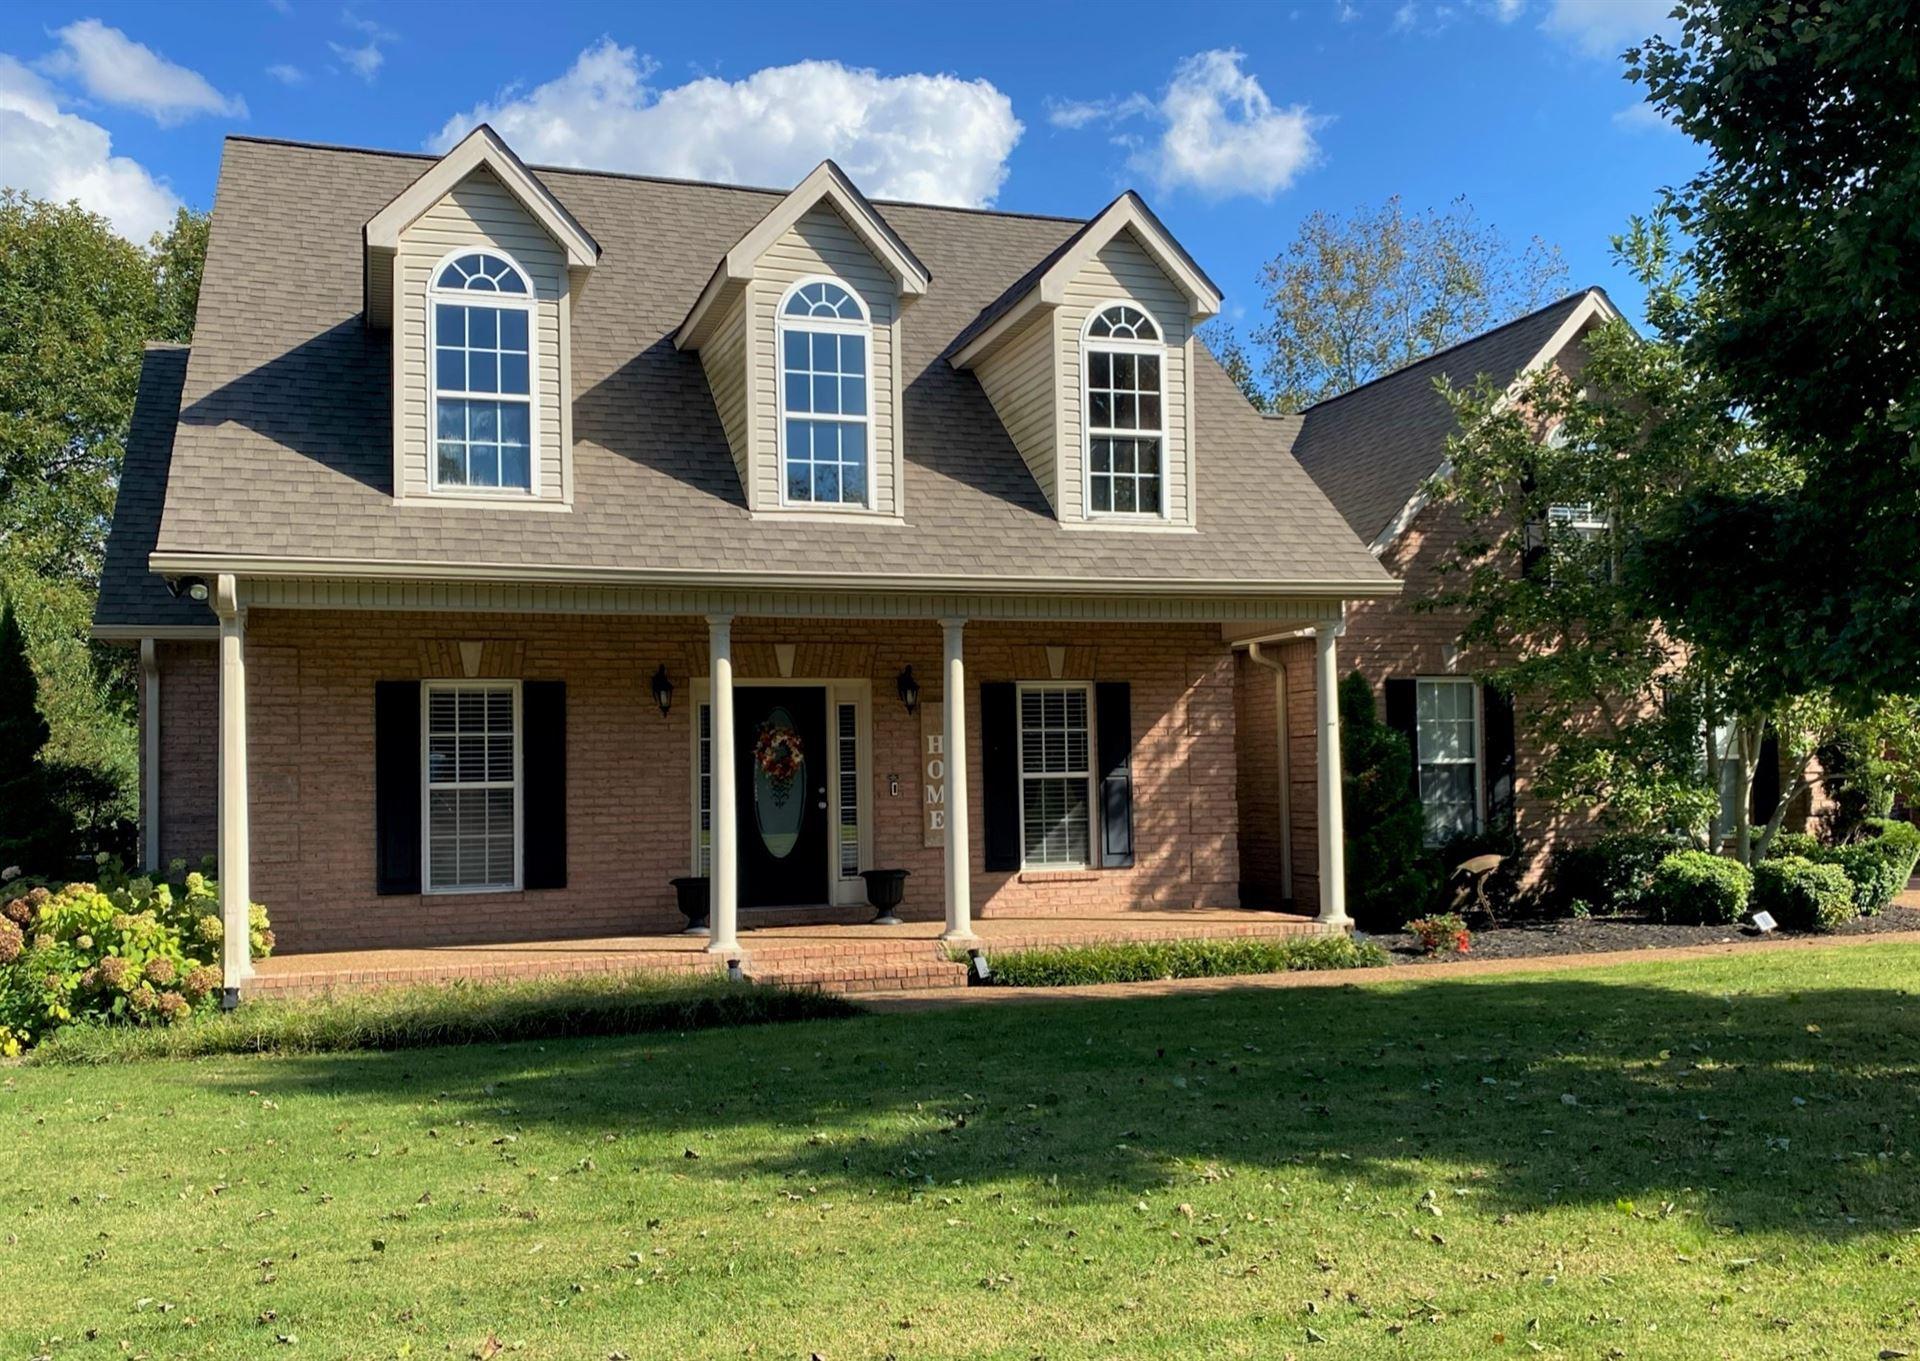 Photo of 2930 Madison Ave, Murfreesboro, TN 37130 (MLS # 2299559)